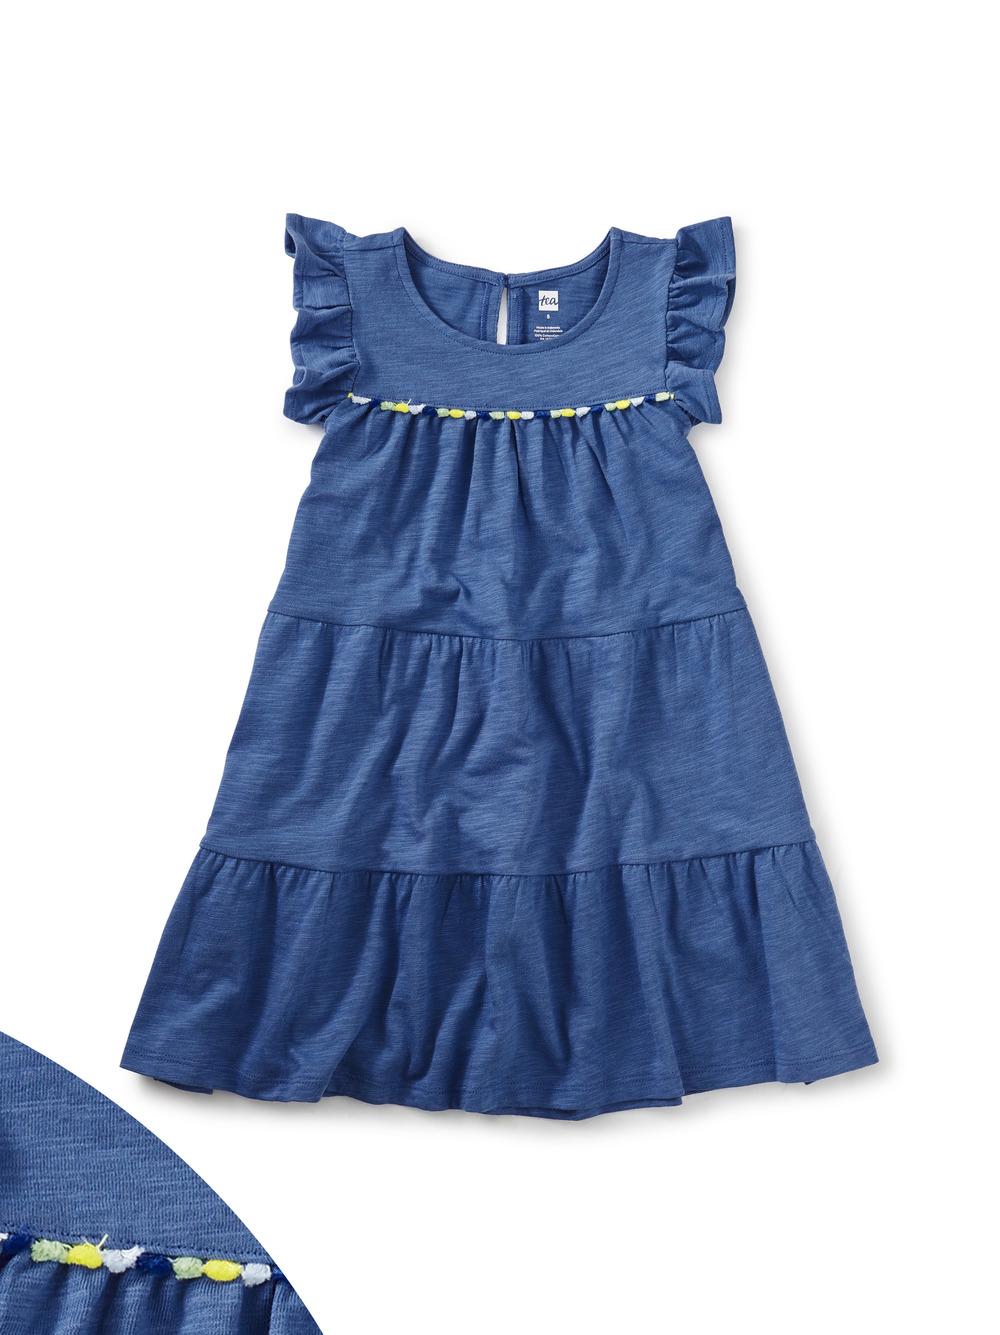 Tassel Trim Tiered Dress